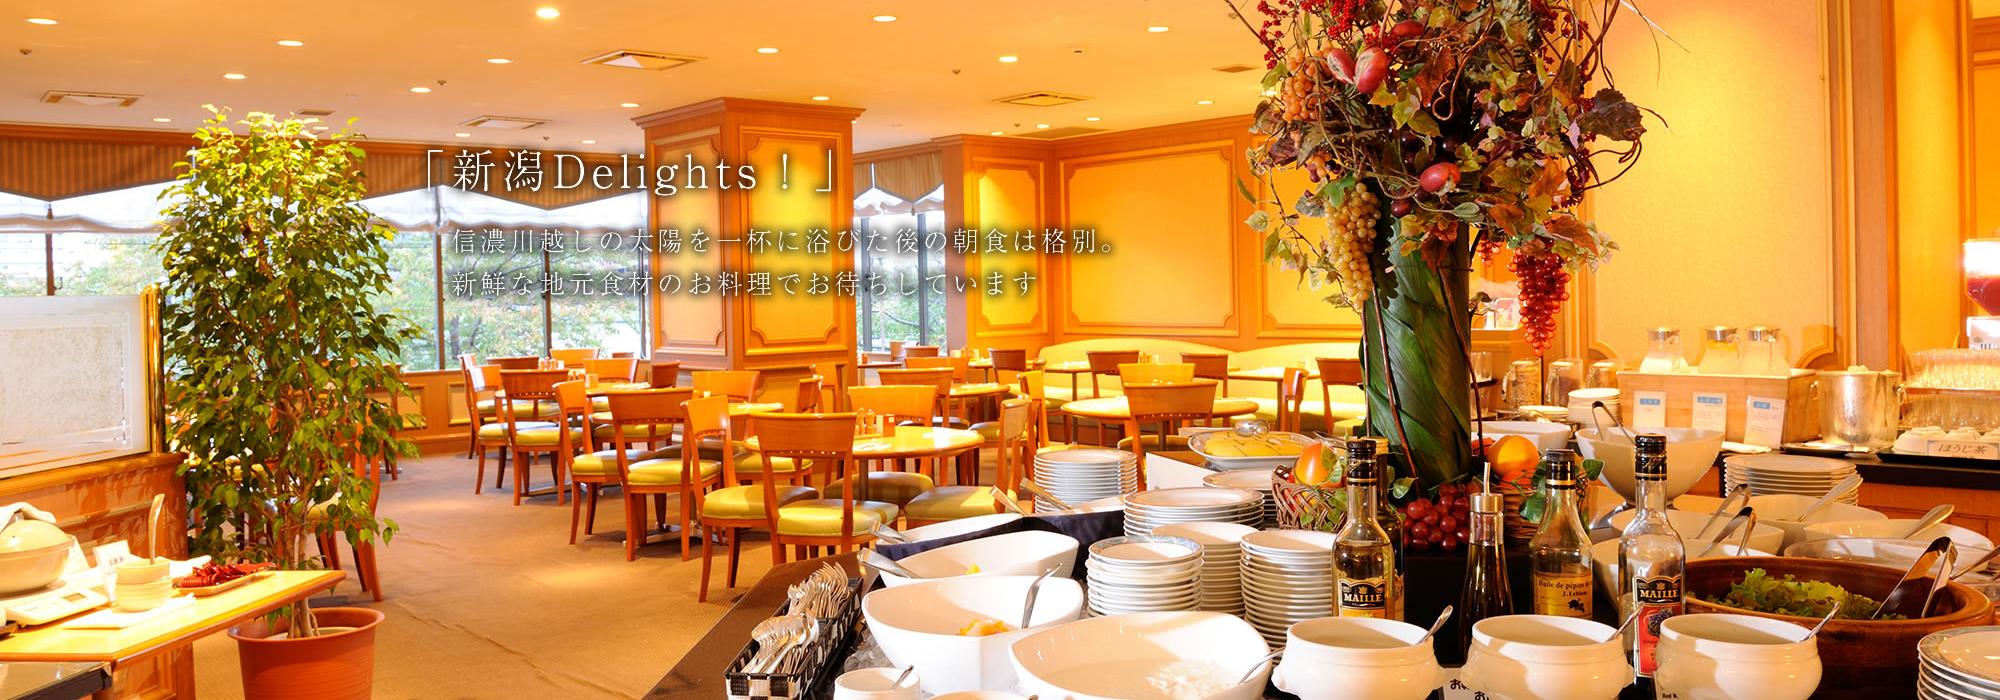 新潟Delights!信濃川越しの太陽を身体一杯に浴びた後の朝食は格別。地元食材をたくさん使ったご朝食でお待ちしています。